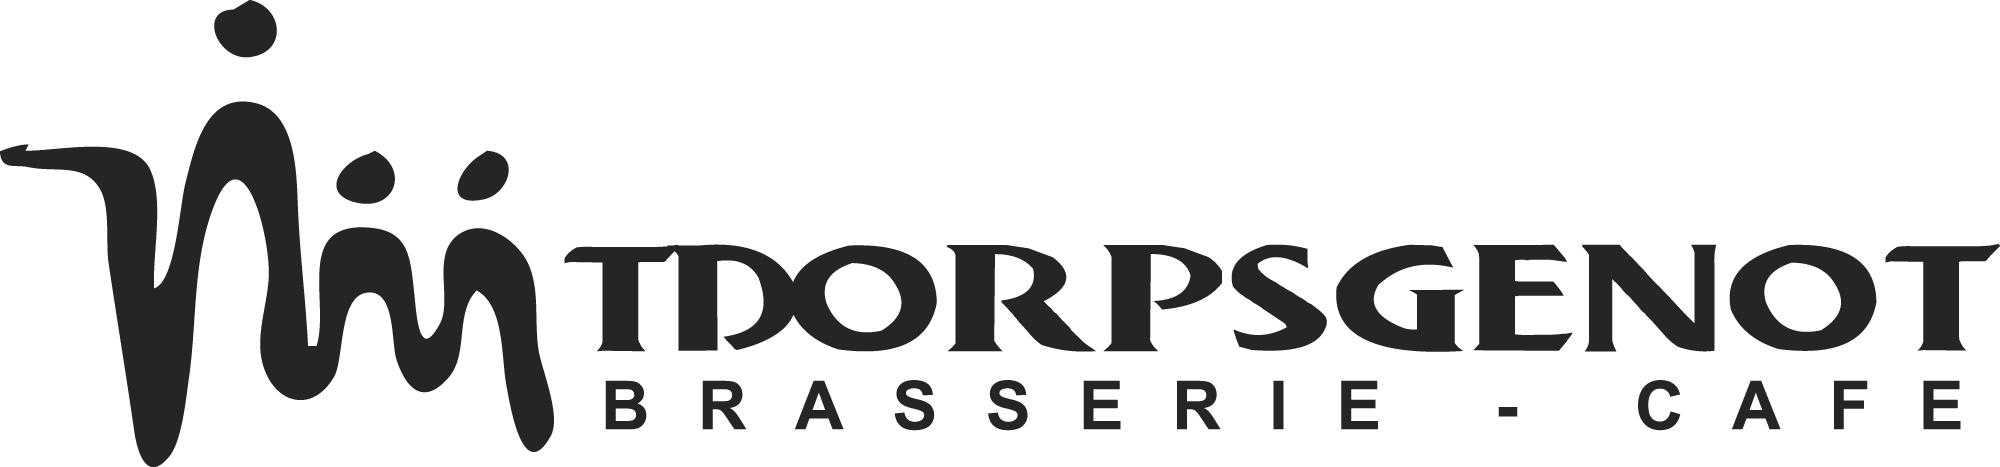 tDorpsgenot Logo